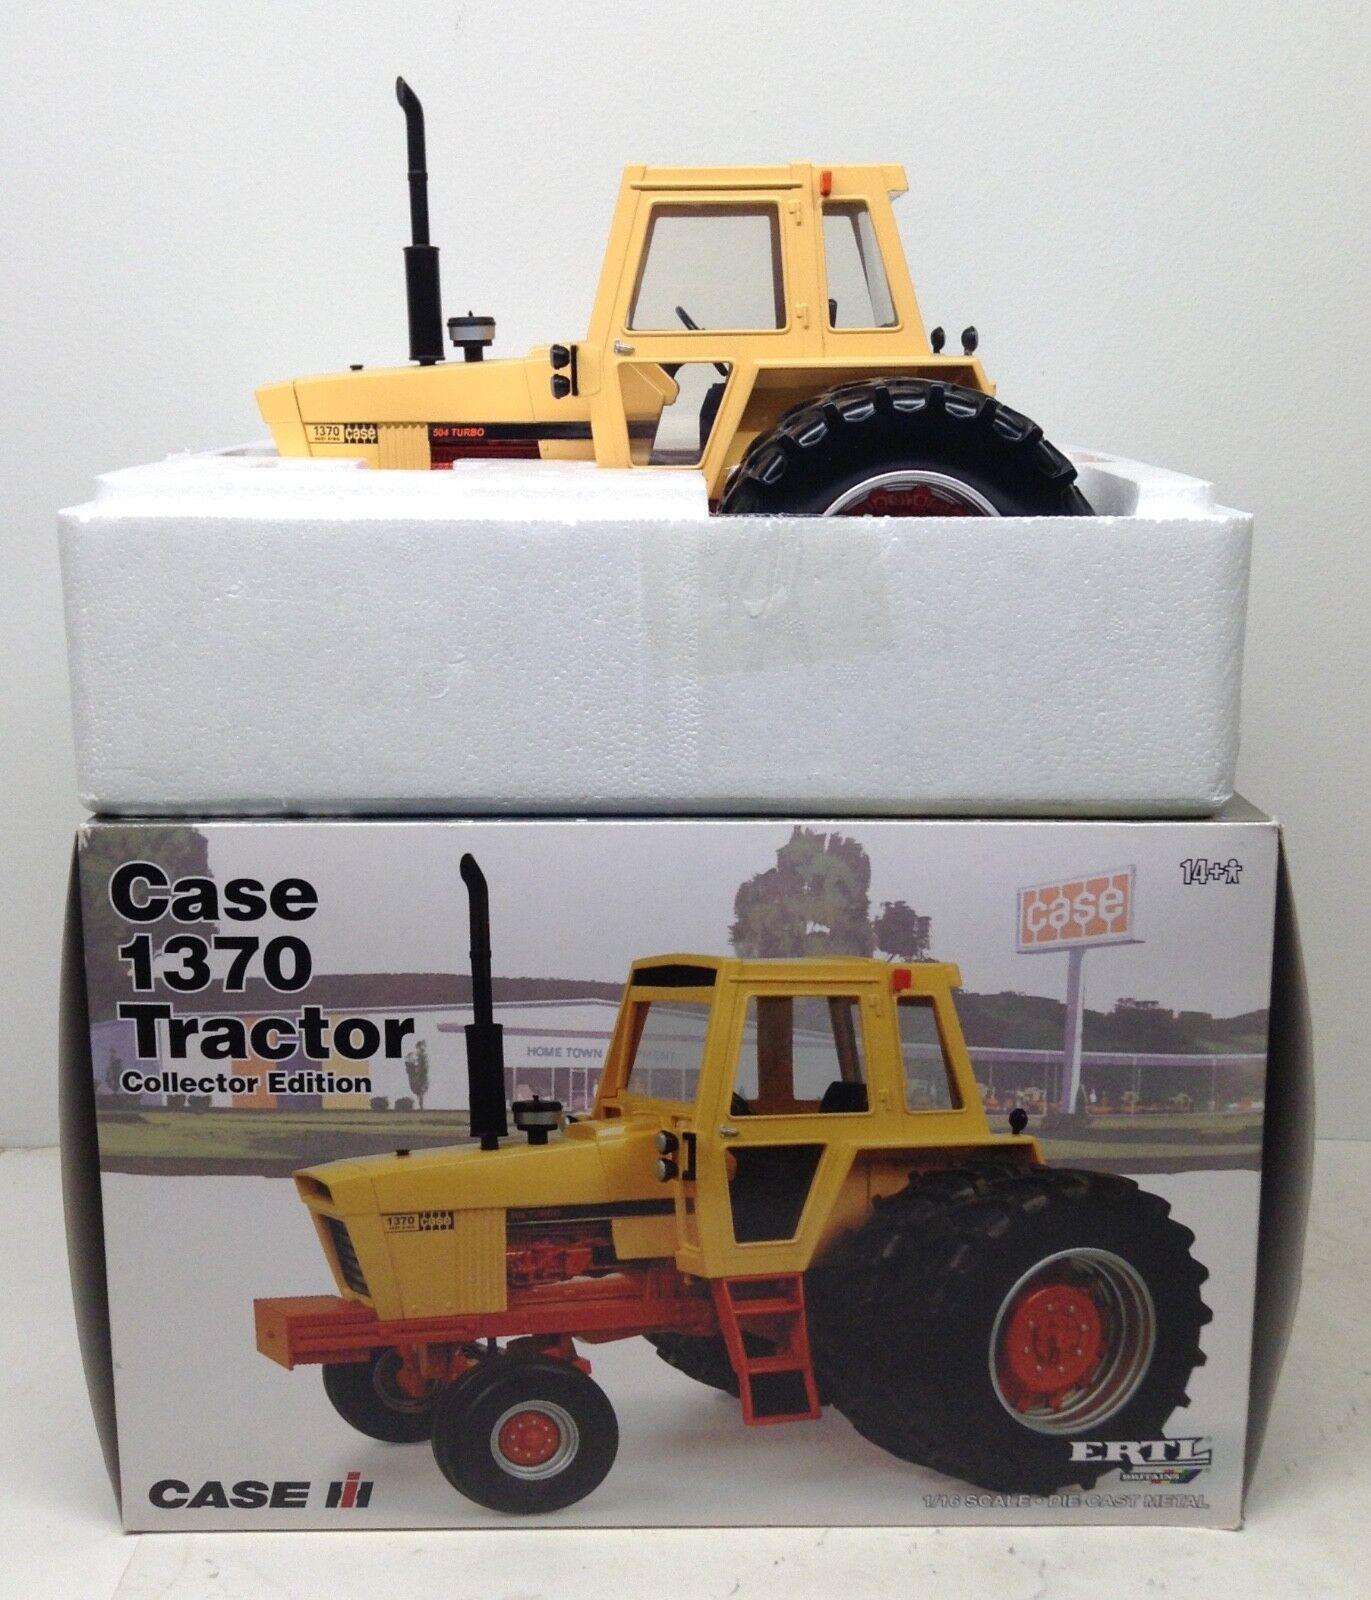 caso 1370 Tractor Con Agri Rey DUALS & 504 Turbo Edicion Coleccionista Ertl